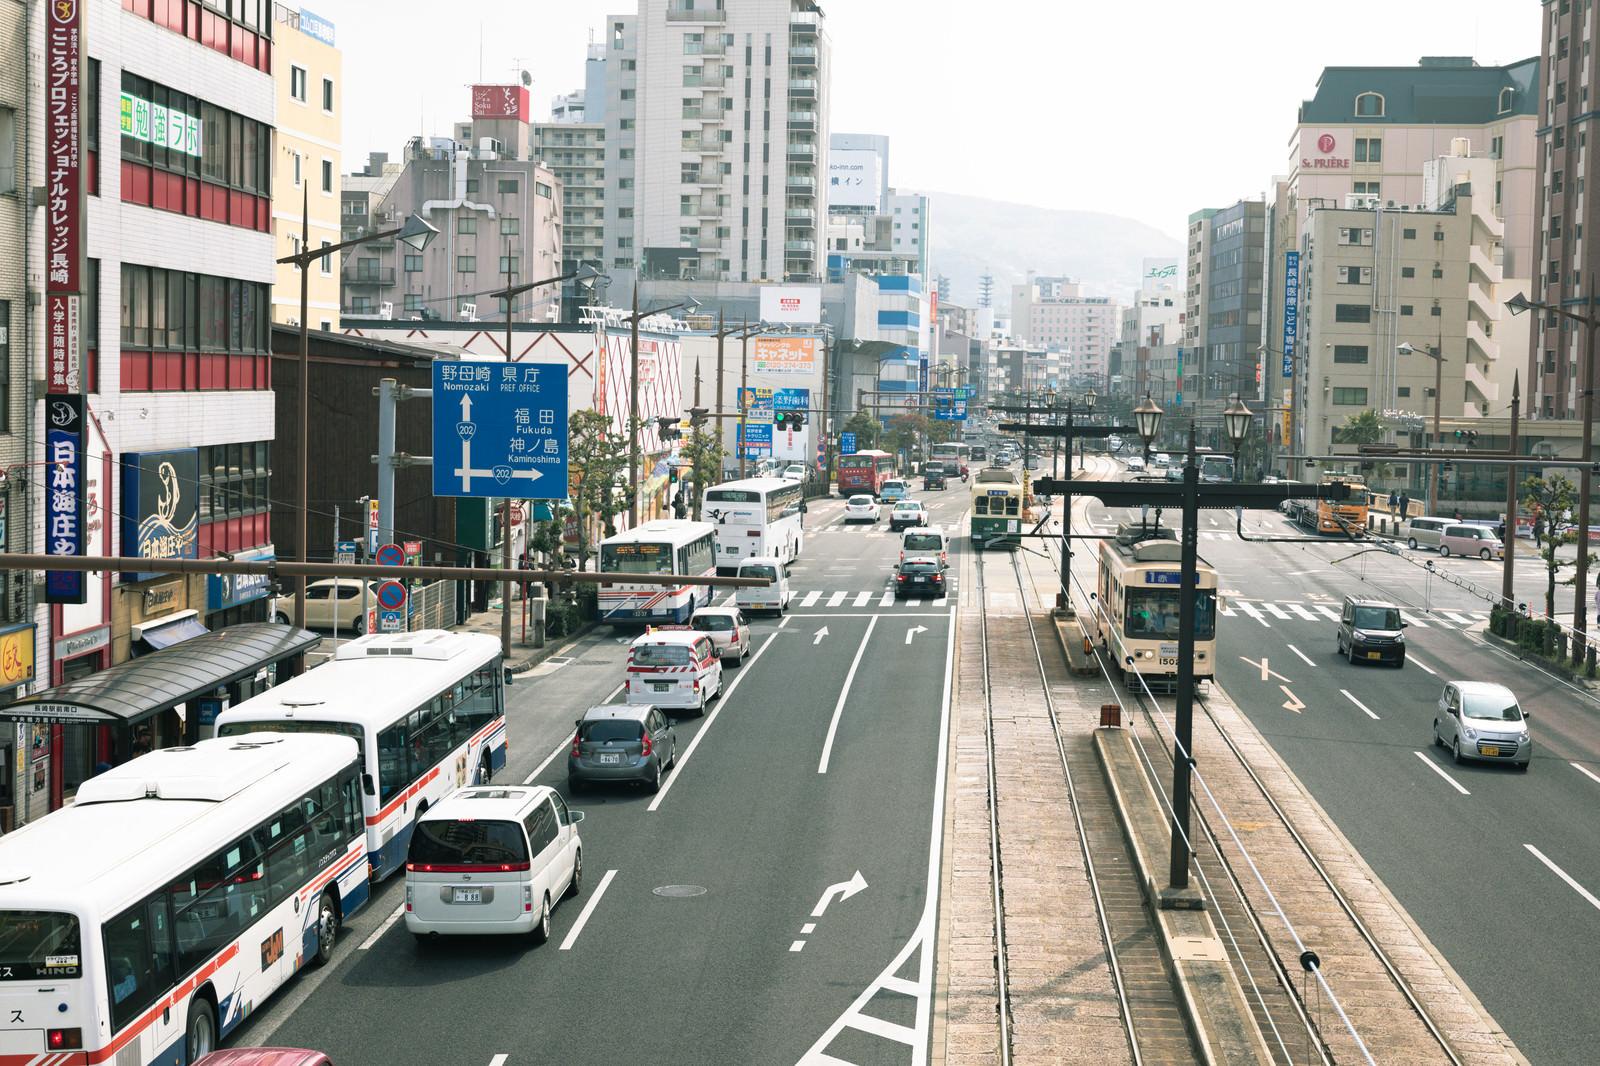 「長崎駅前の路面電車など」の写真